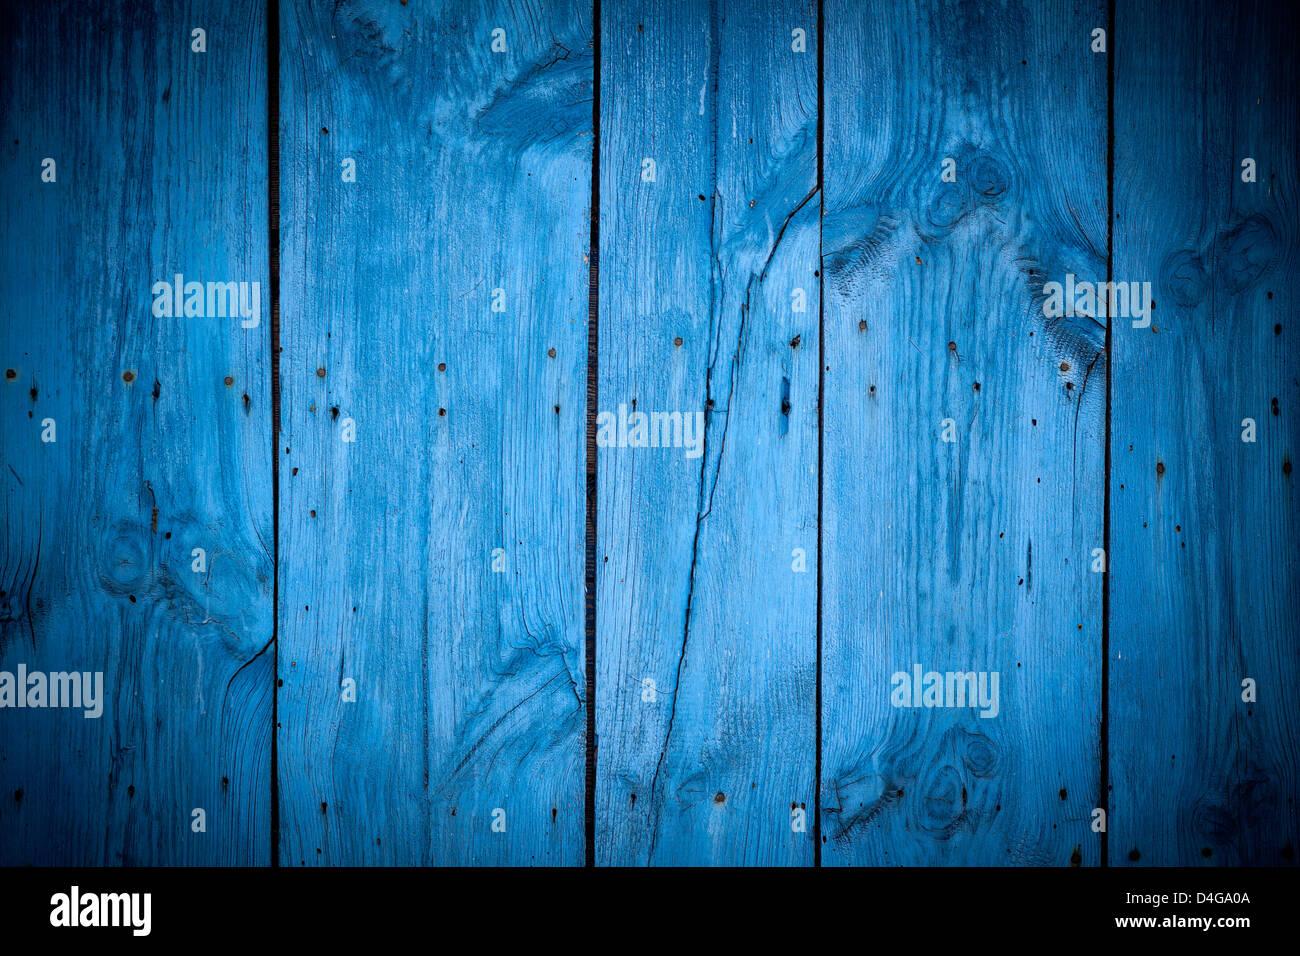 Textura de madera panel vertical de fondo azul Imagen De Stock